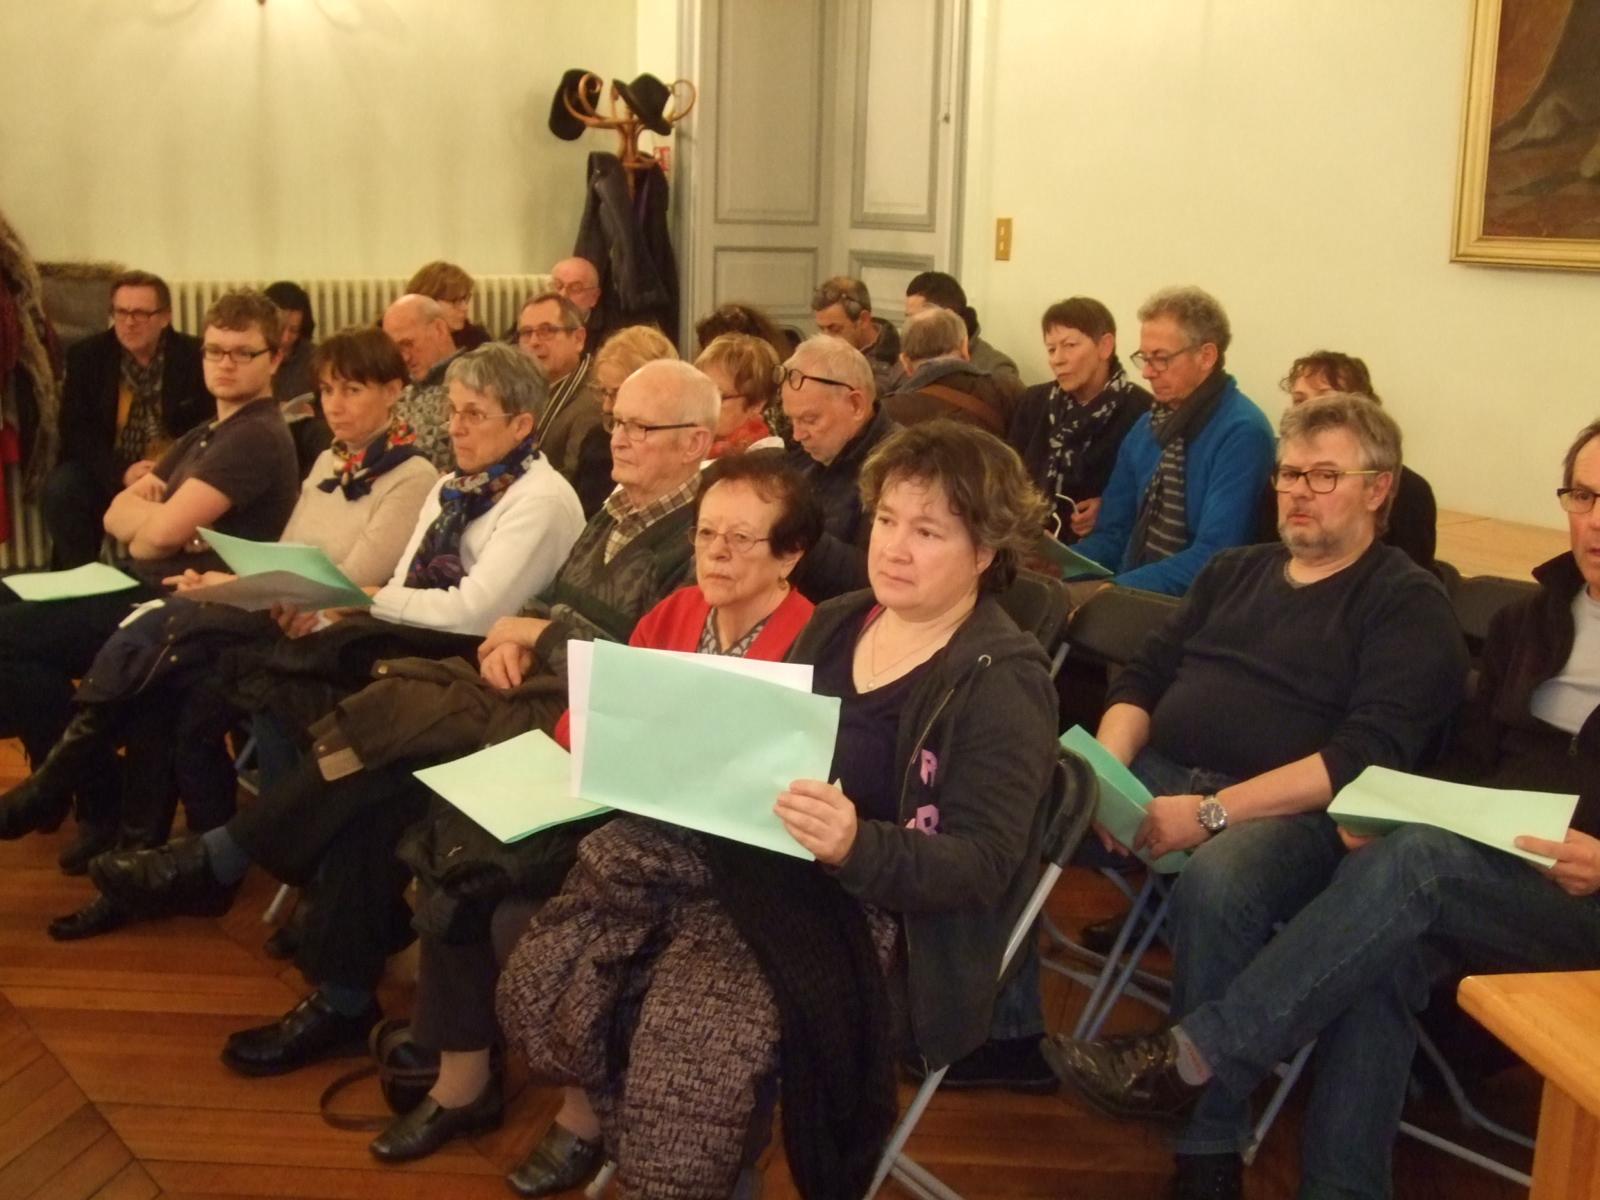 Le public a pu prendre connaissance des croquis du projet